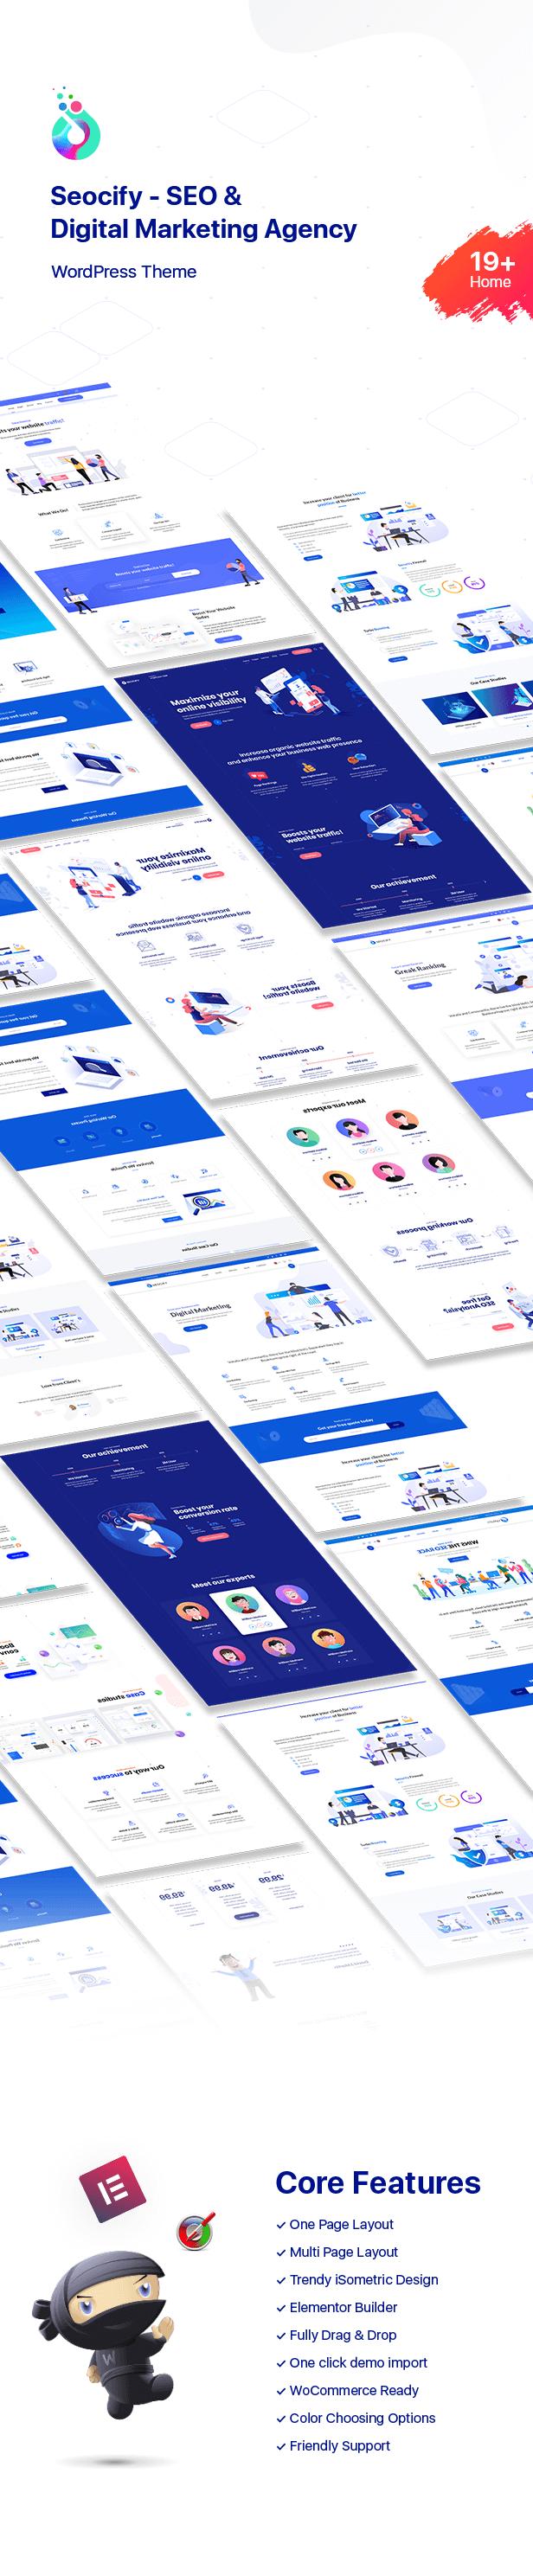 1Intro - SEO Digital Marketing Agency WordPress Theme